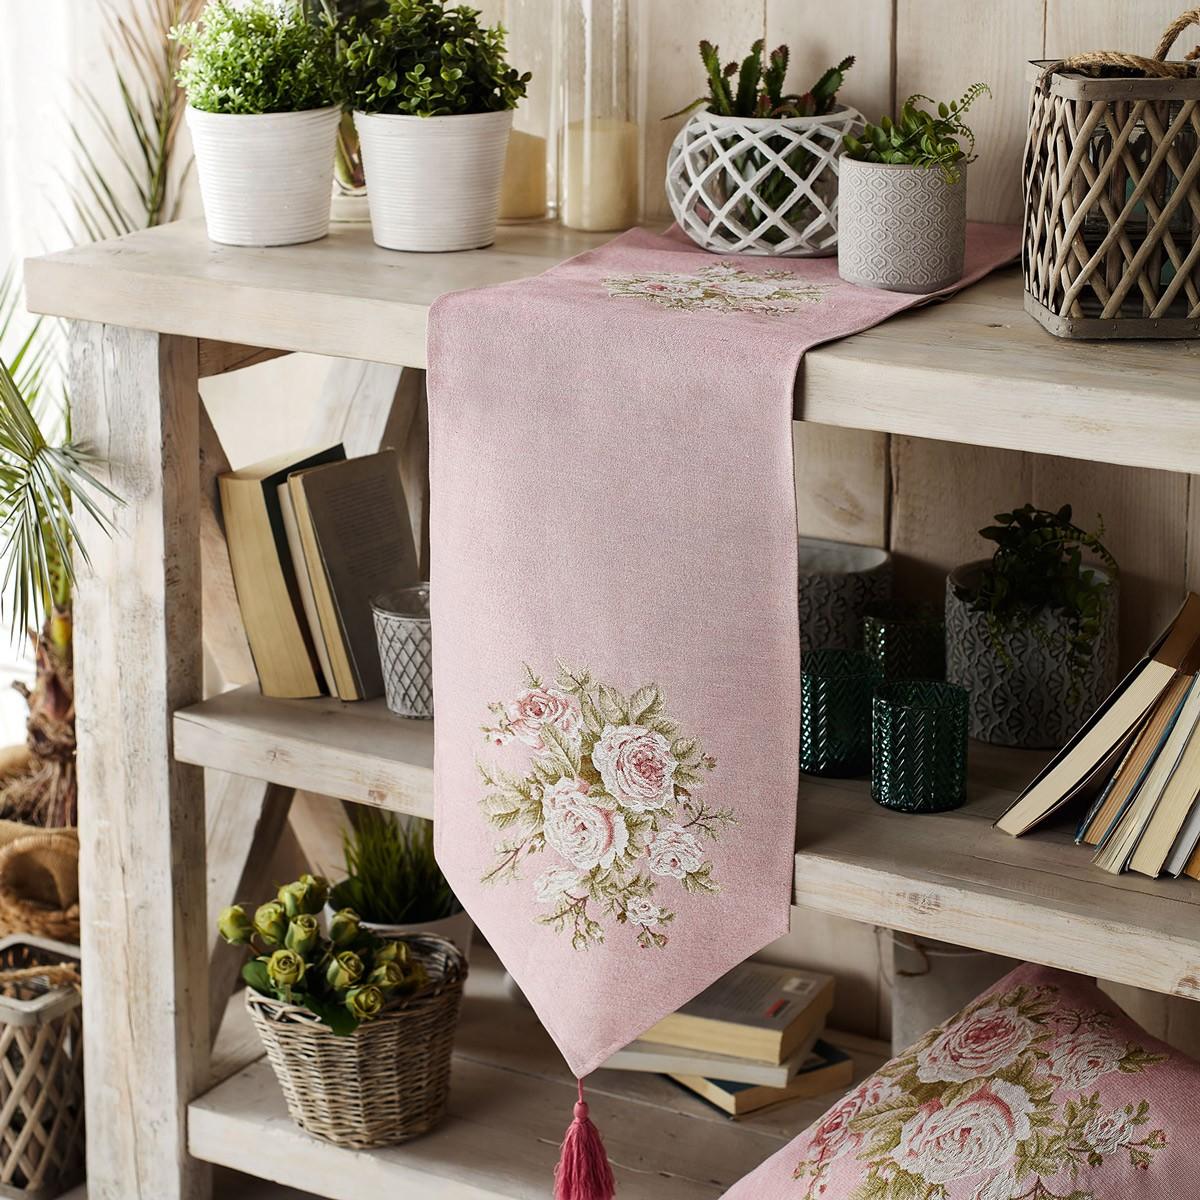 Τραβέρσα Gofis Home Tarantella Pink 354/17